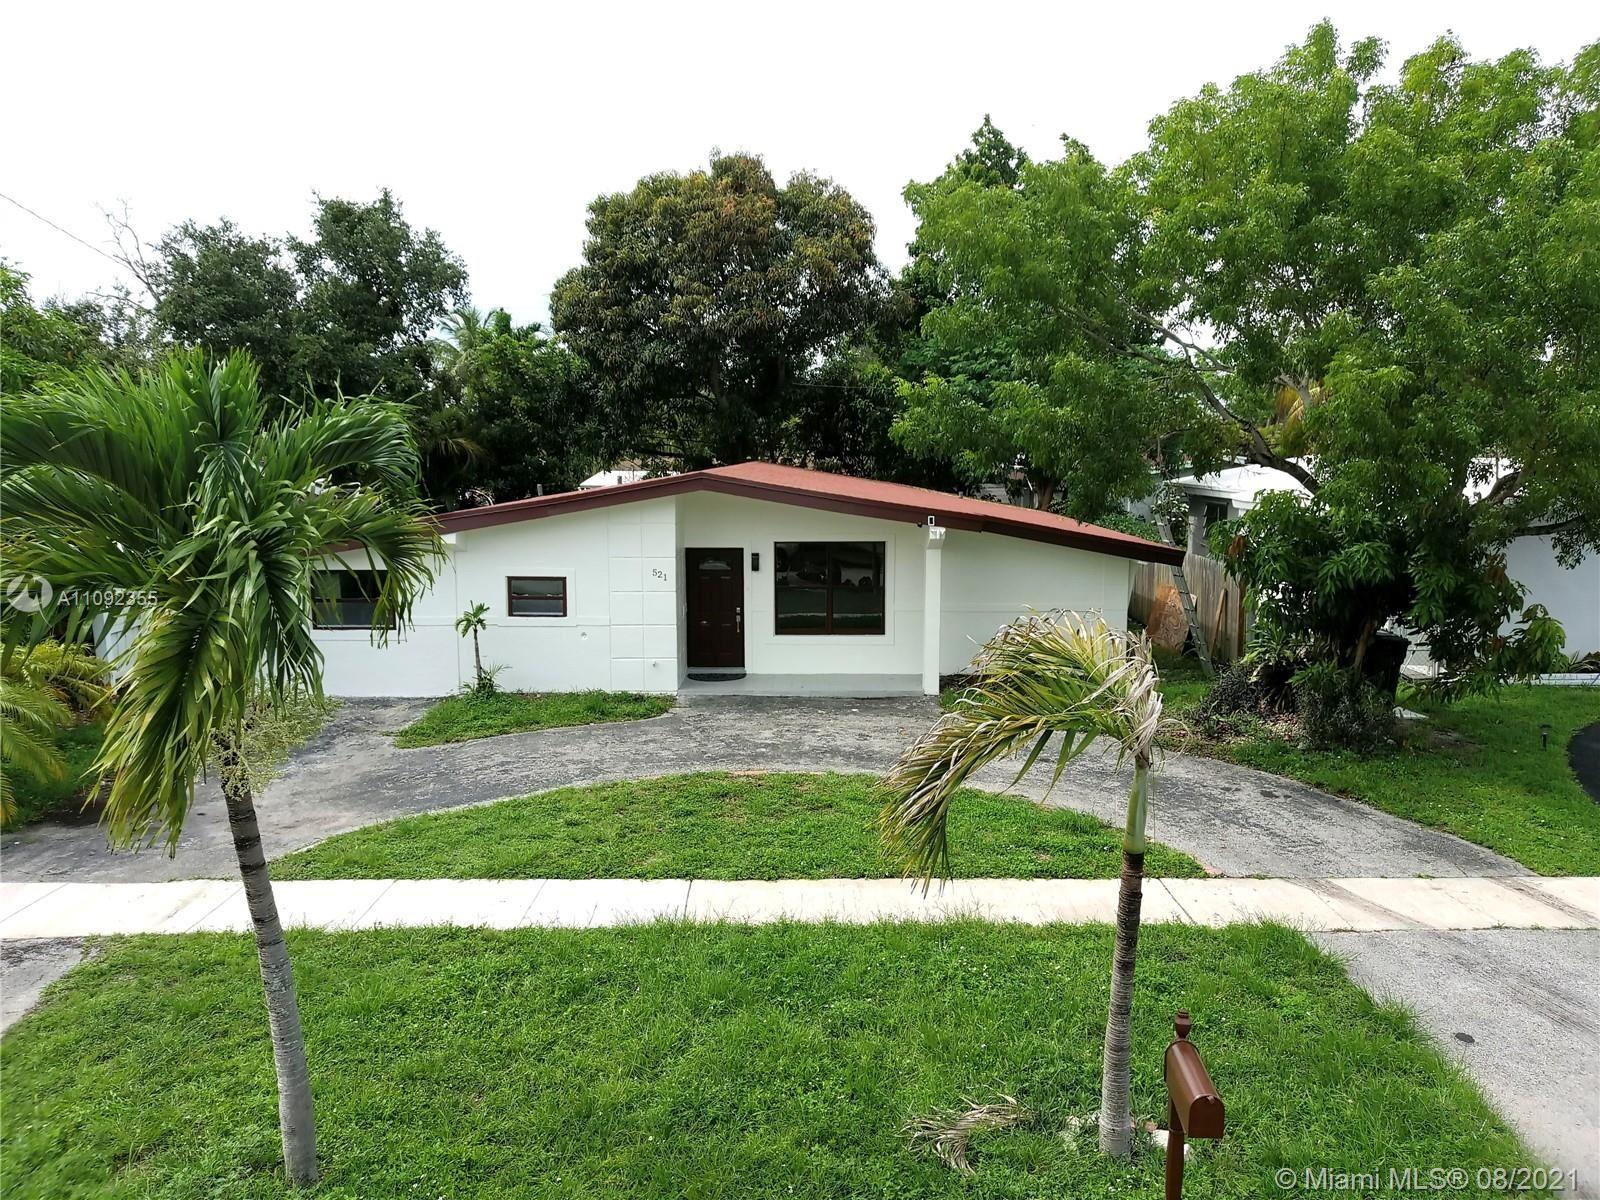 521 NE 175th St, North Miami Beach, FL 33162 - #: A11092355